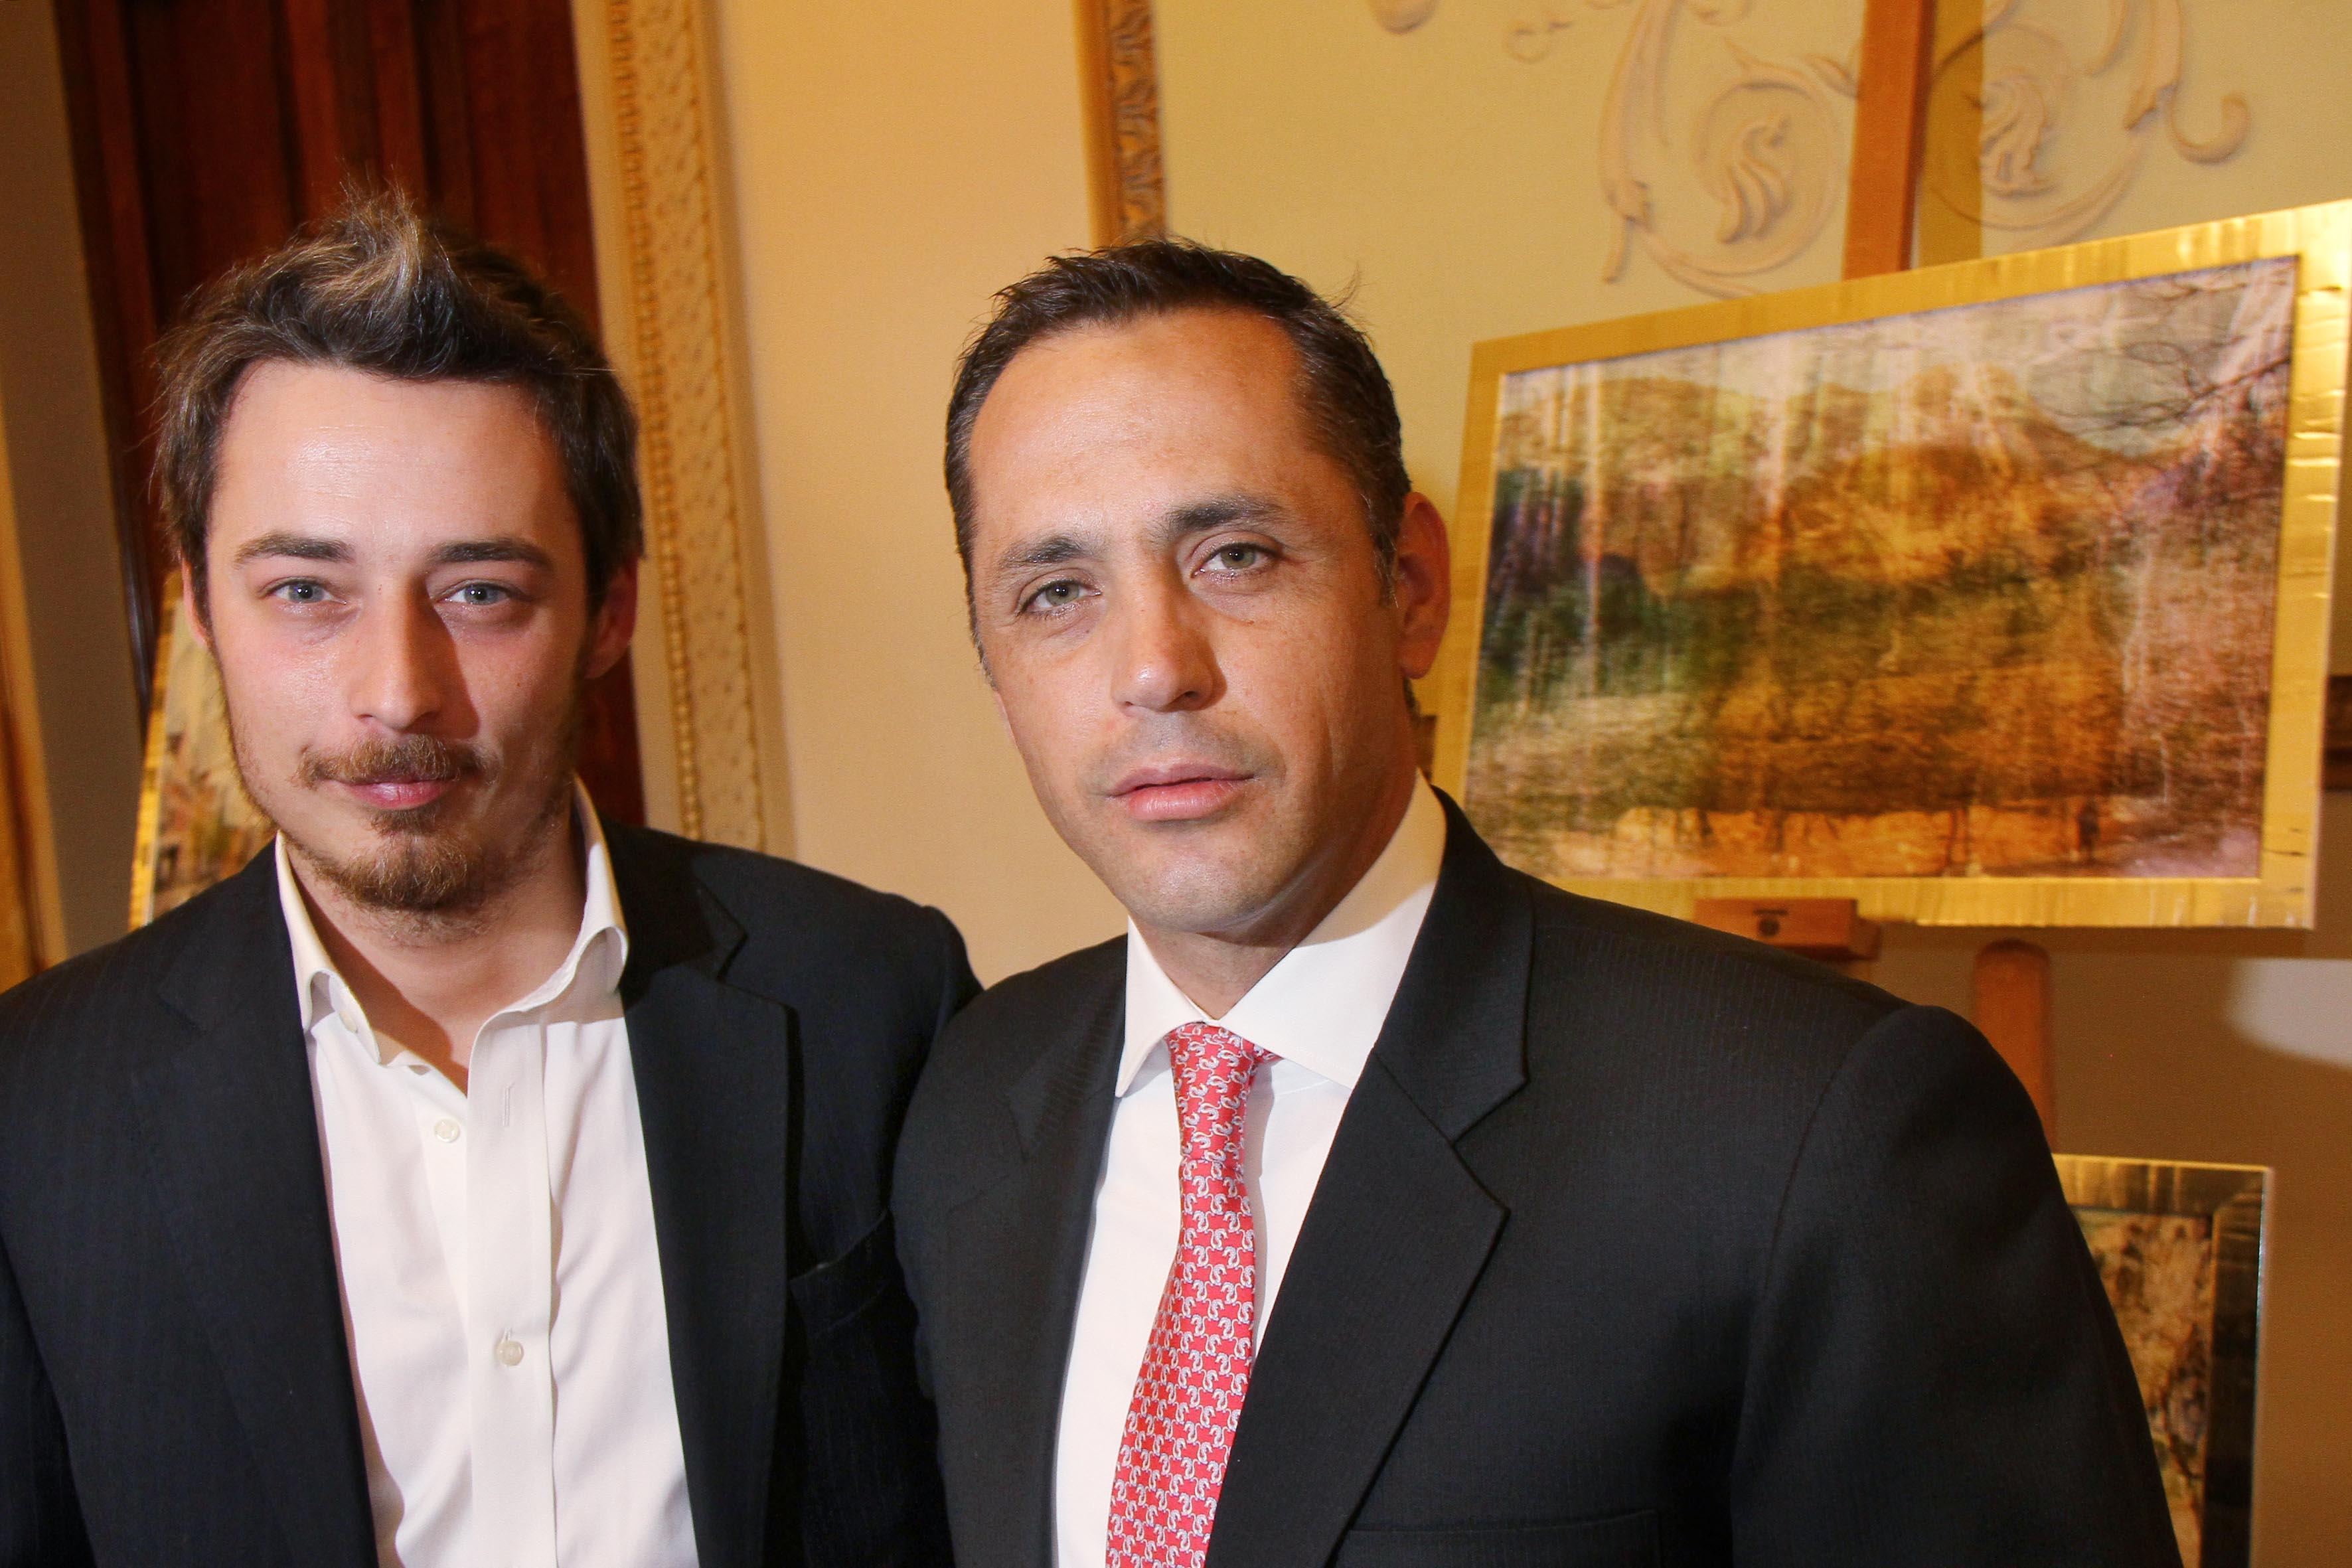 PRESSPHOTO  Firenze Magazine, mostra fotografica al Relais Santa Croce: Niccolò Moretti e Fernando Villar